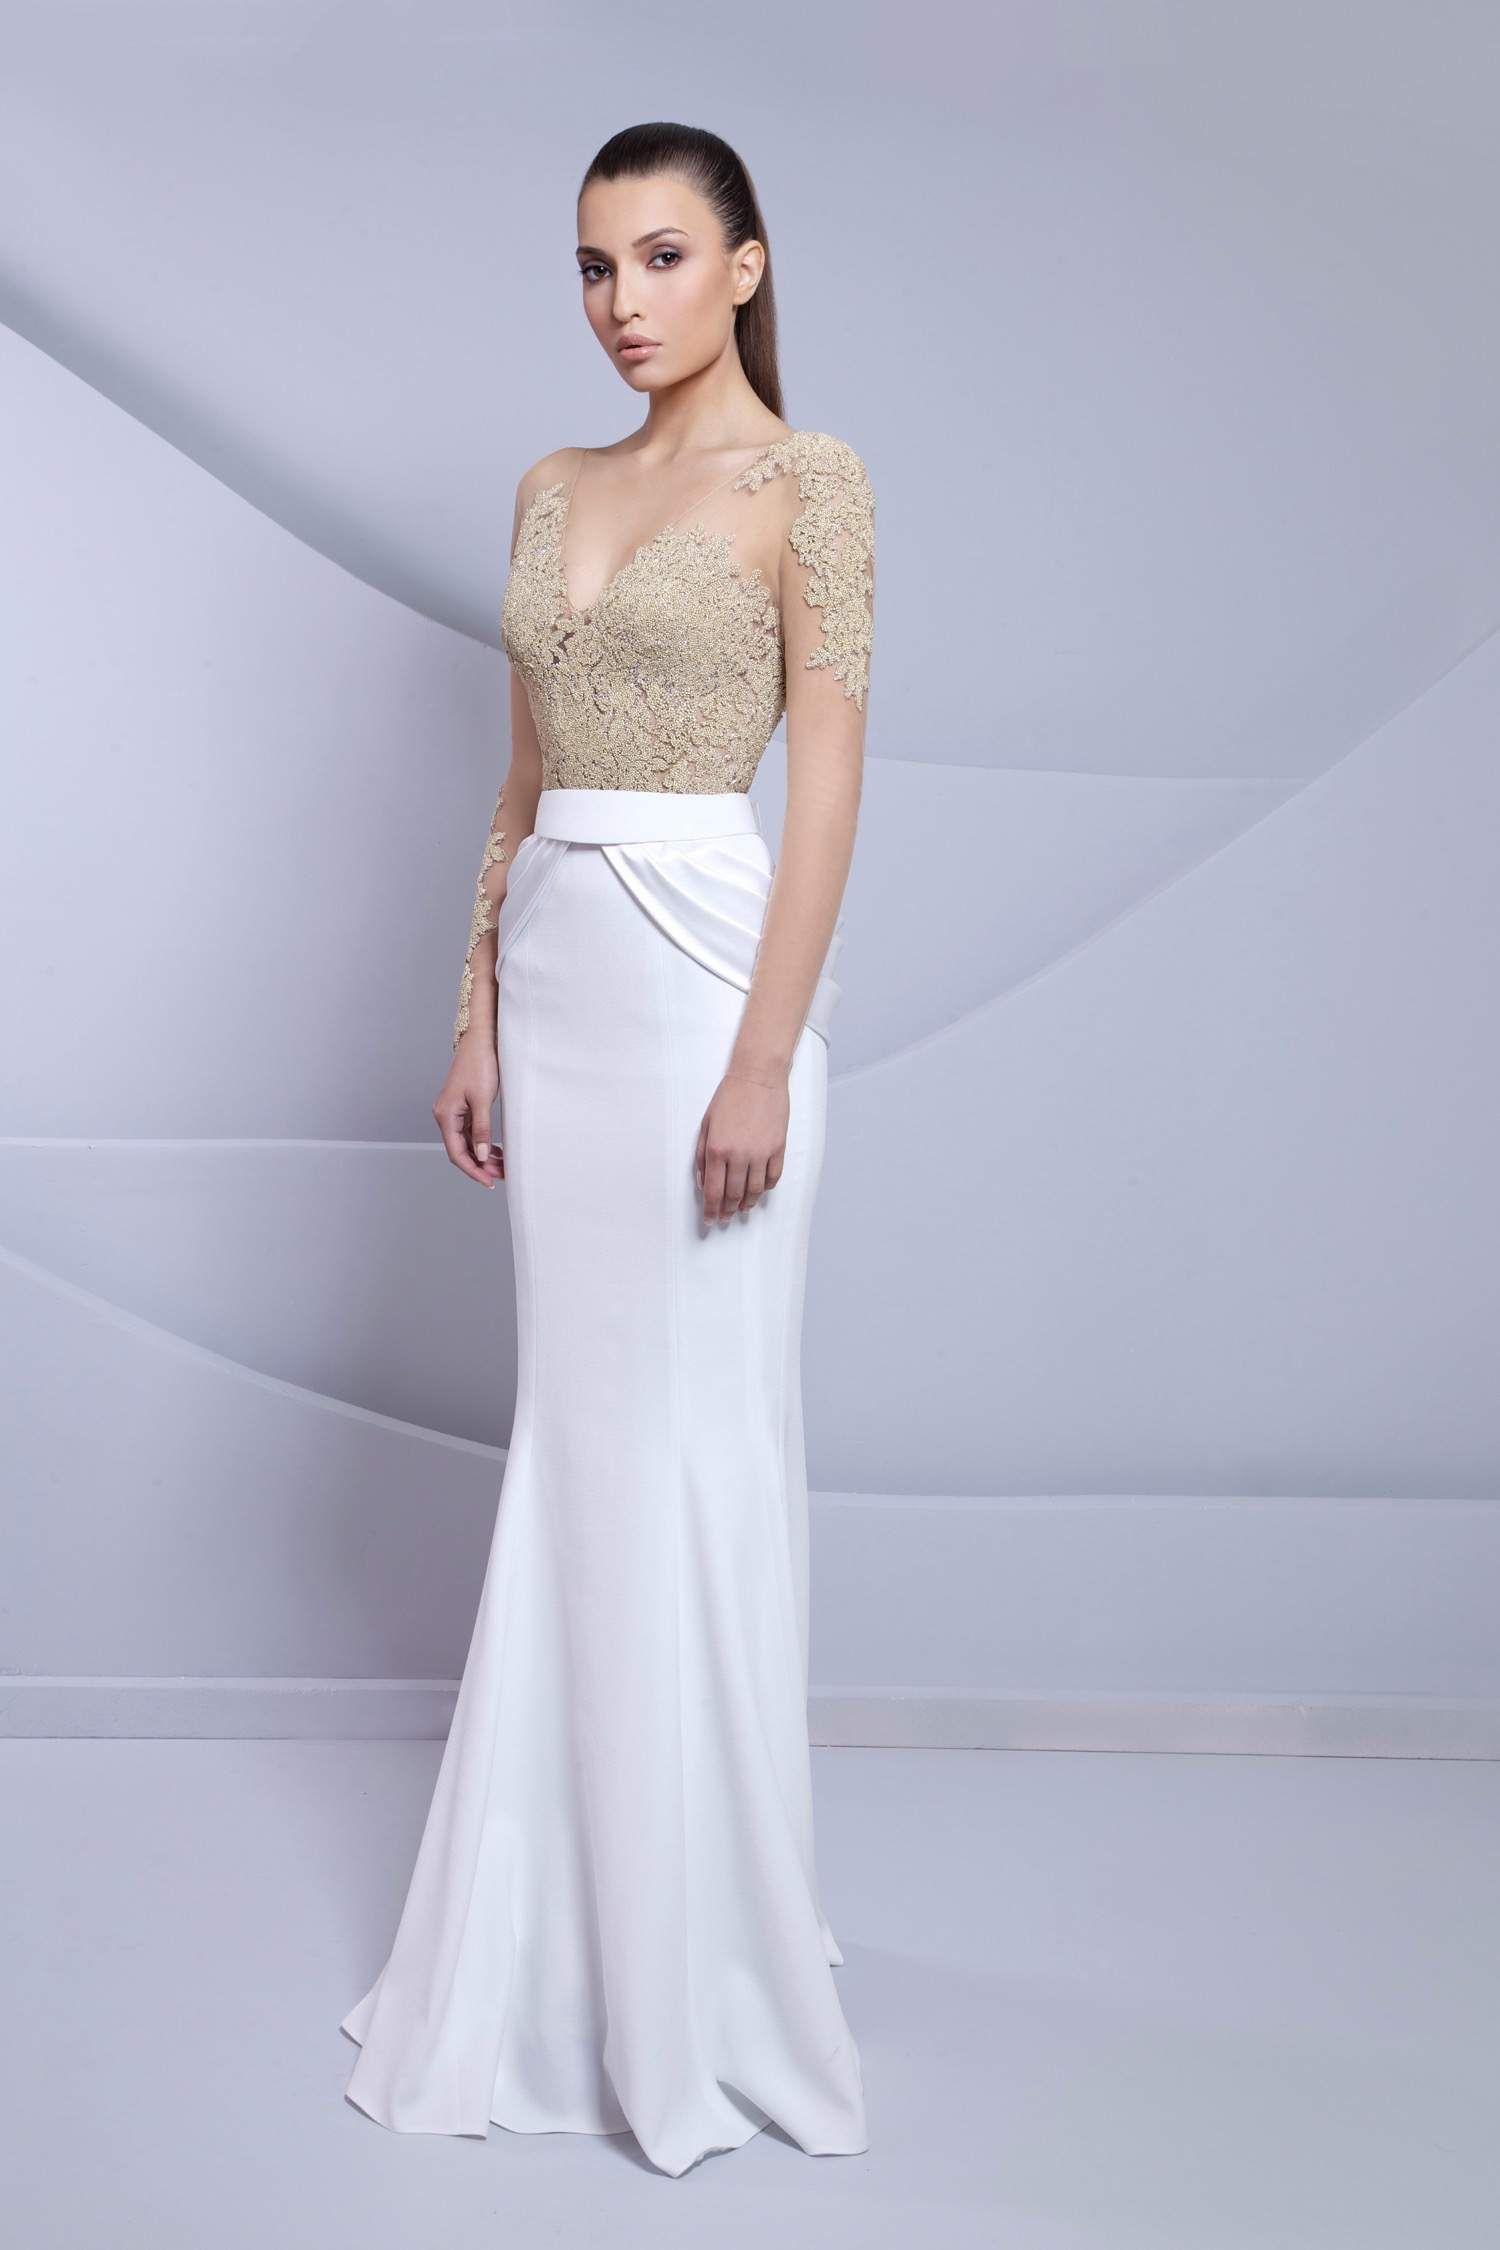 Tarek sinno springsummer evening dress long dress